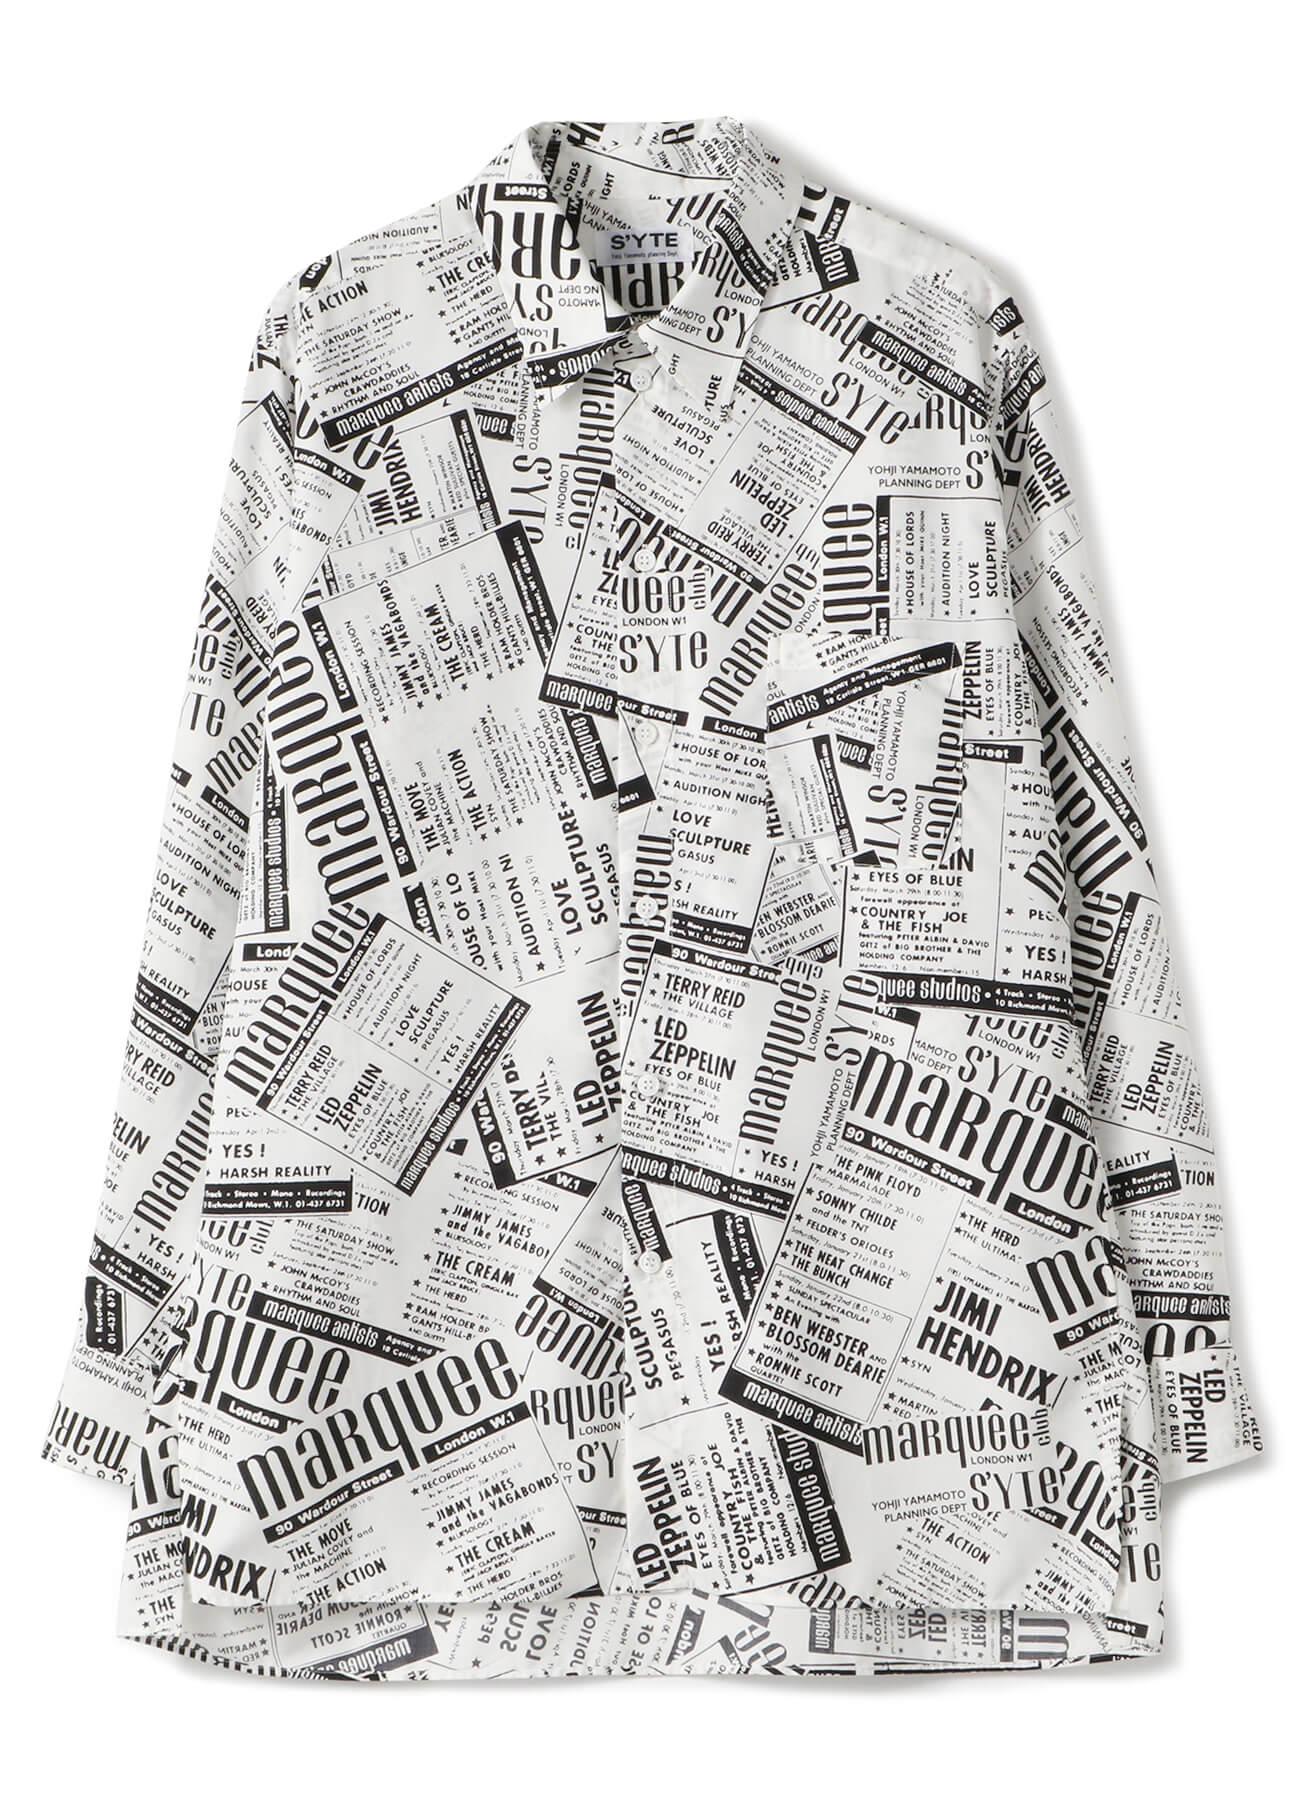 マーキー・クラブ®ライブ・ポスター新聞紙風コラージュシャツ 21,000円